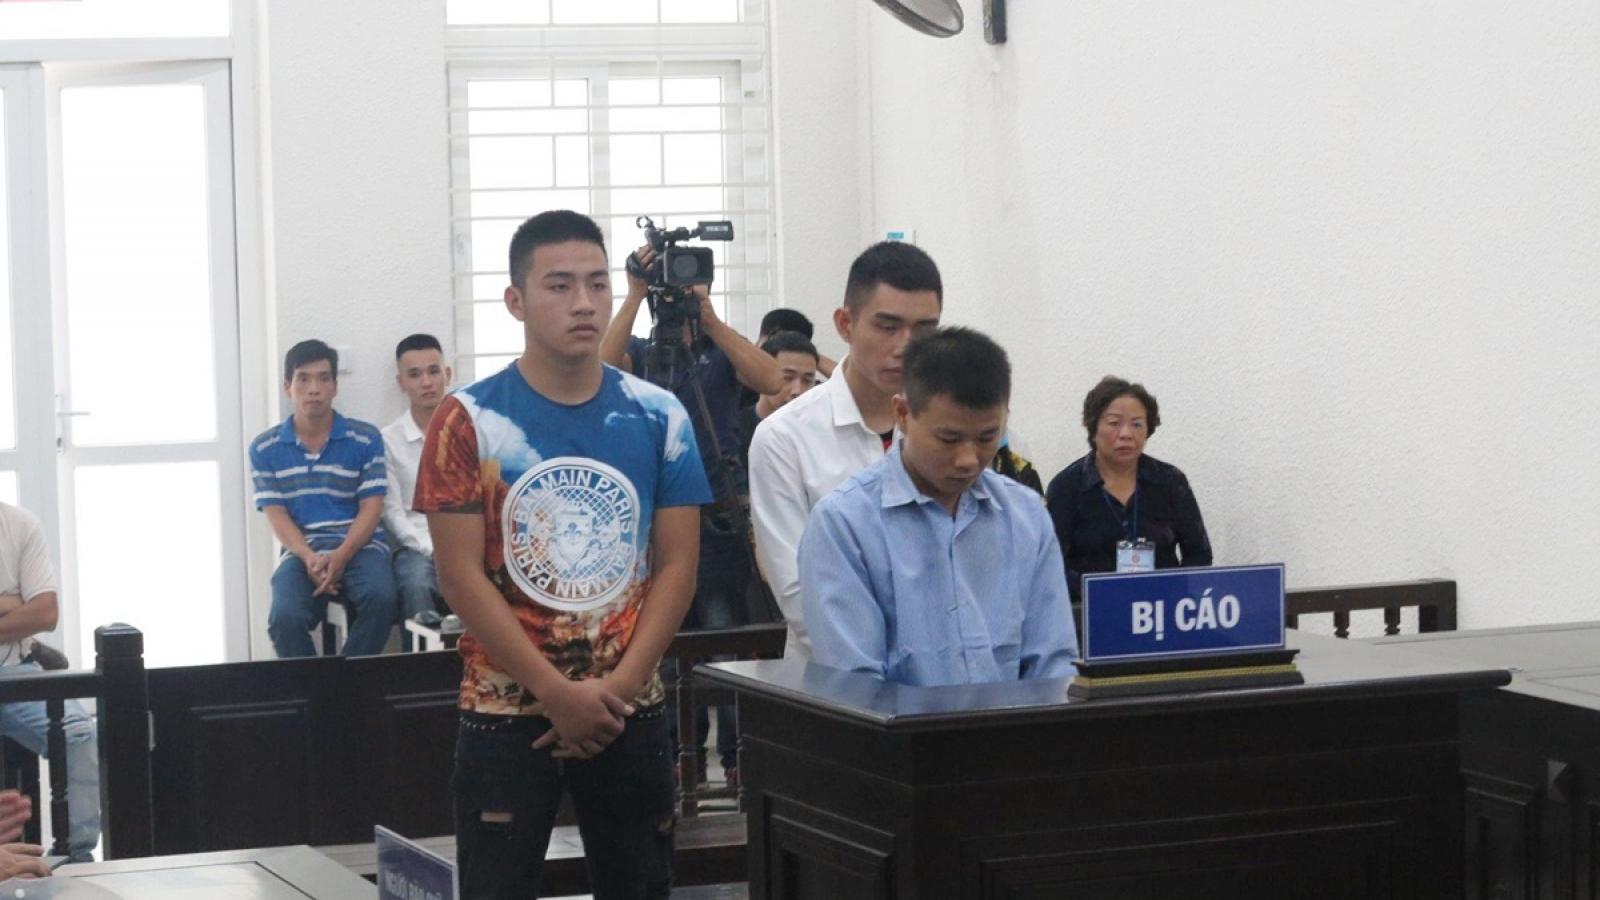 Kẻ dùng súng cướp ngân hàng ở Sóc Sơn bị tuyên án 23 năm tù